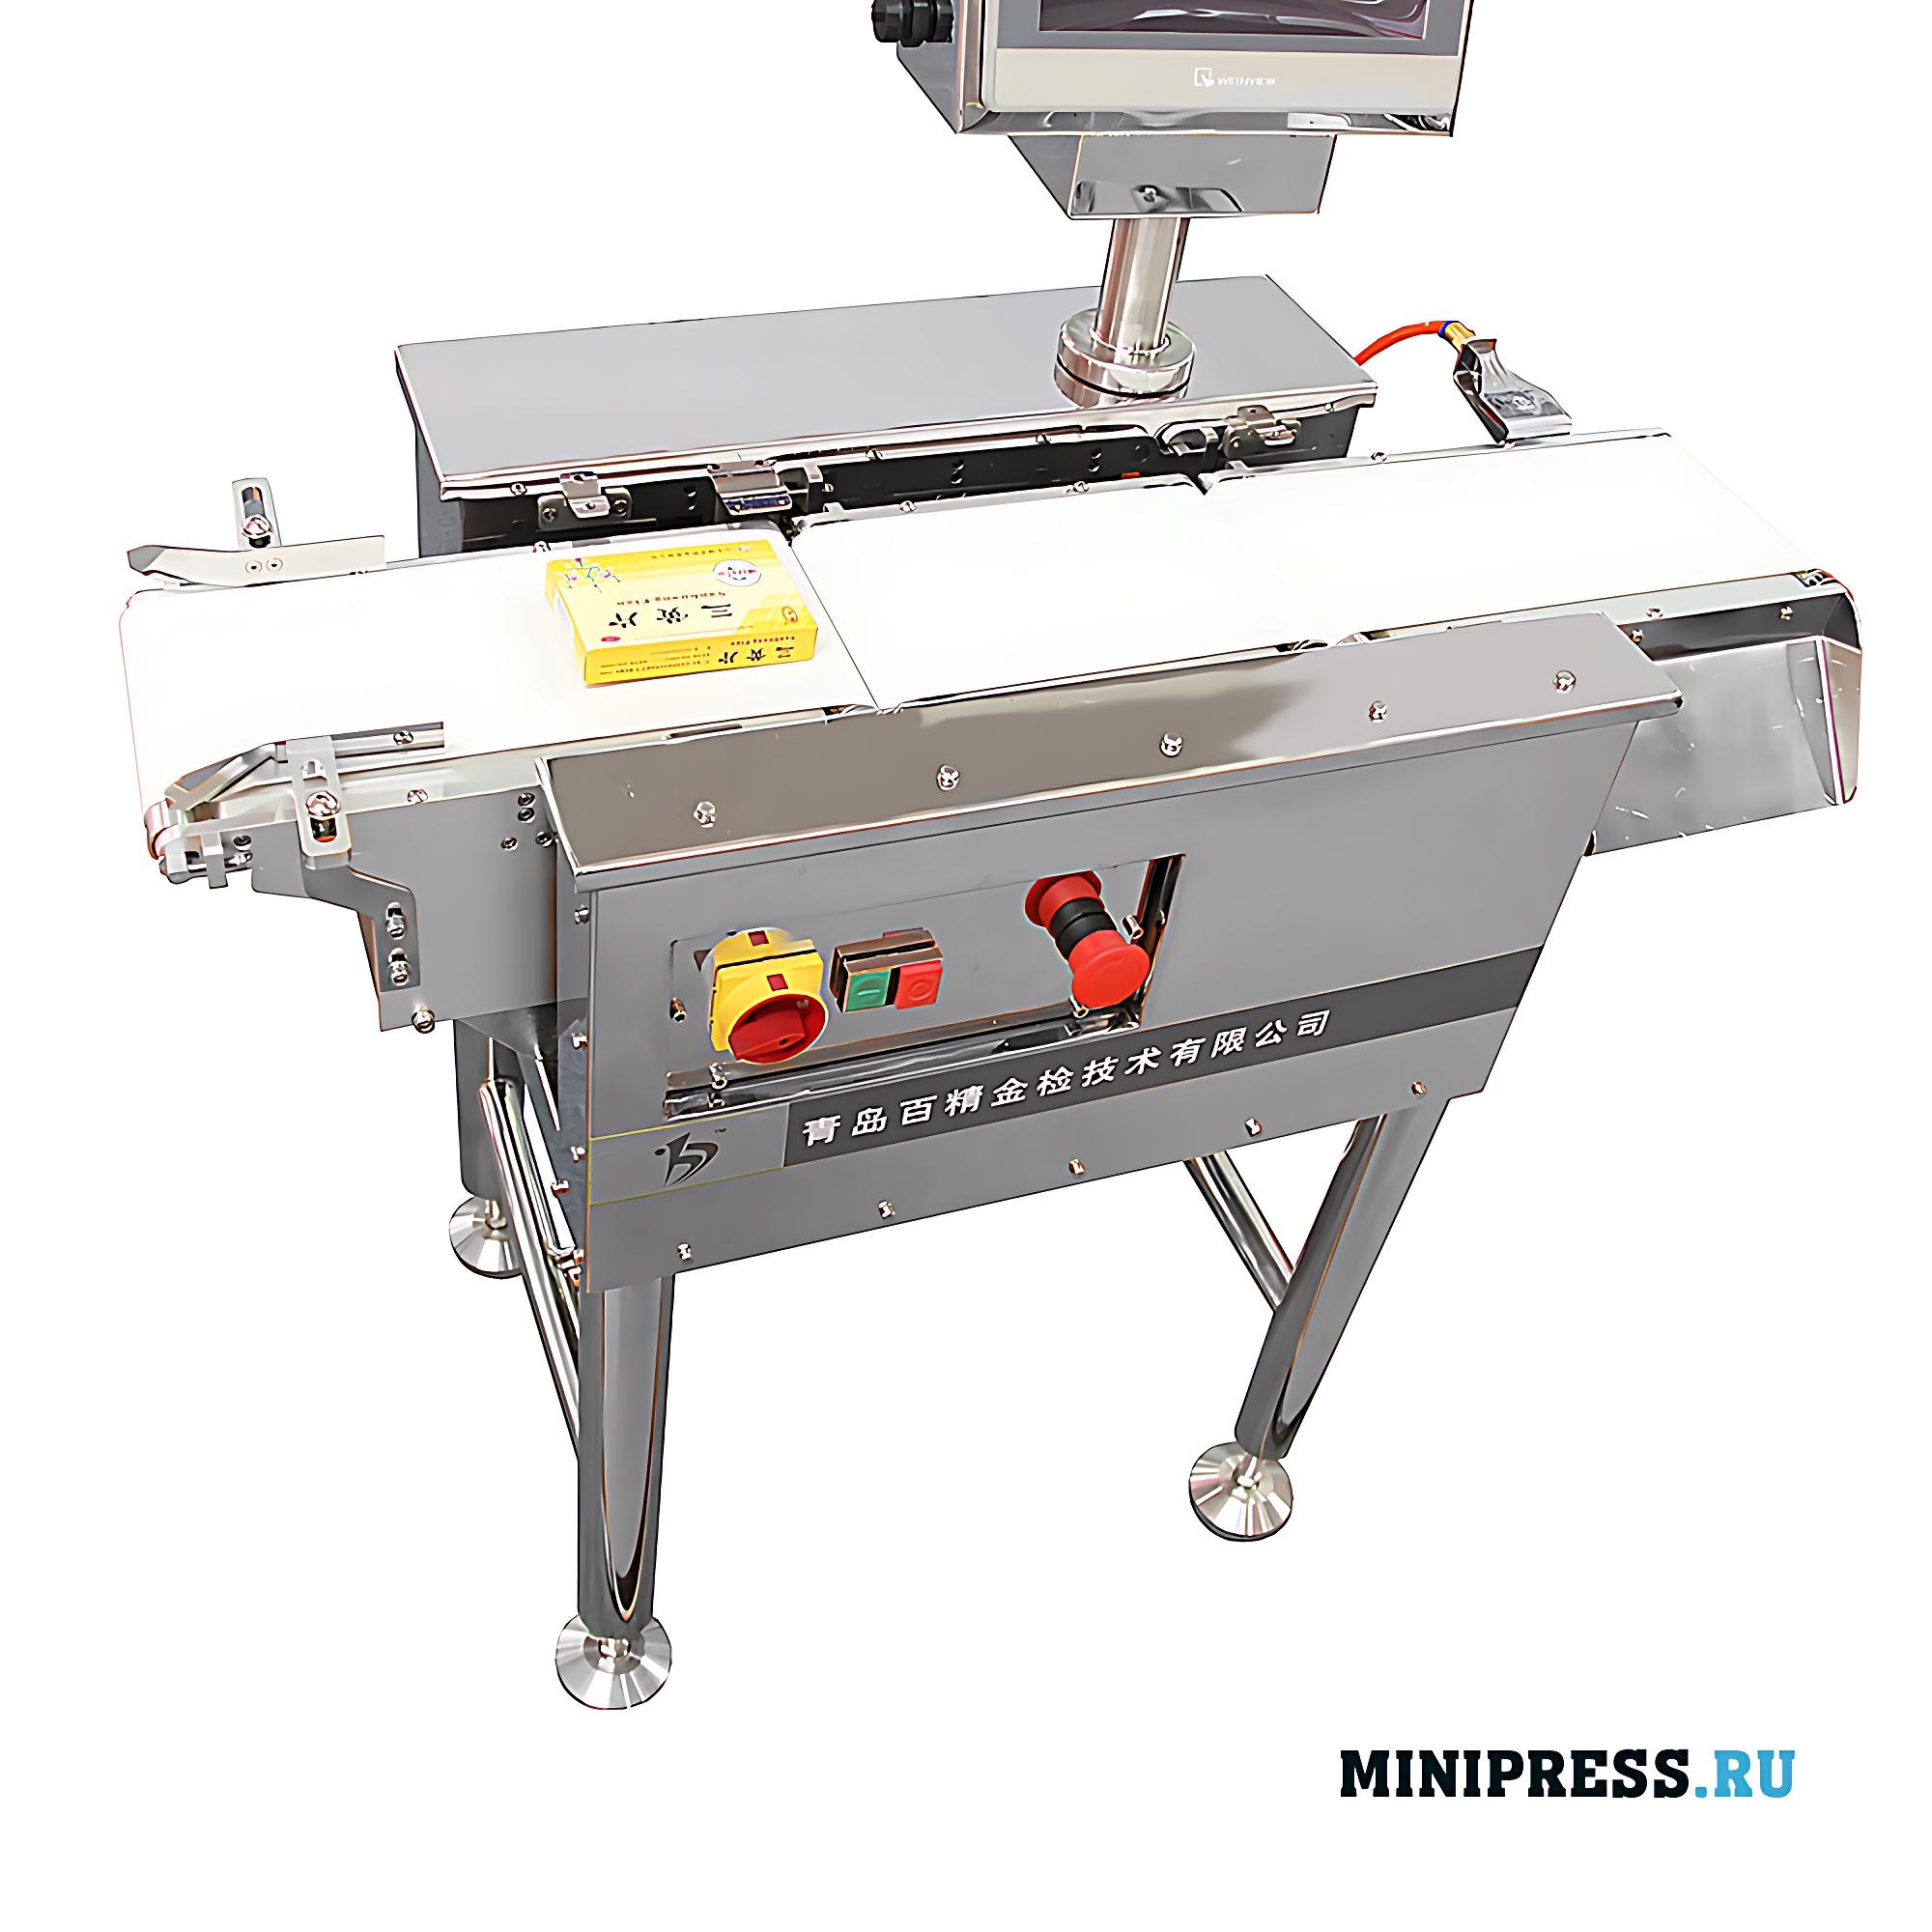 Высокоточная весовая машина контроля продукции встраиваемая в транспортерную ленту